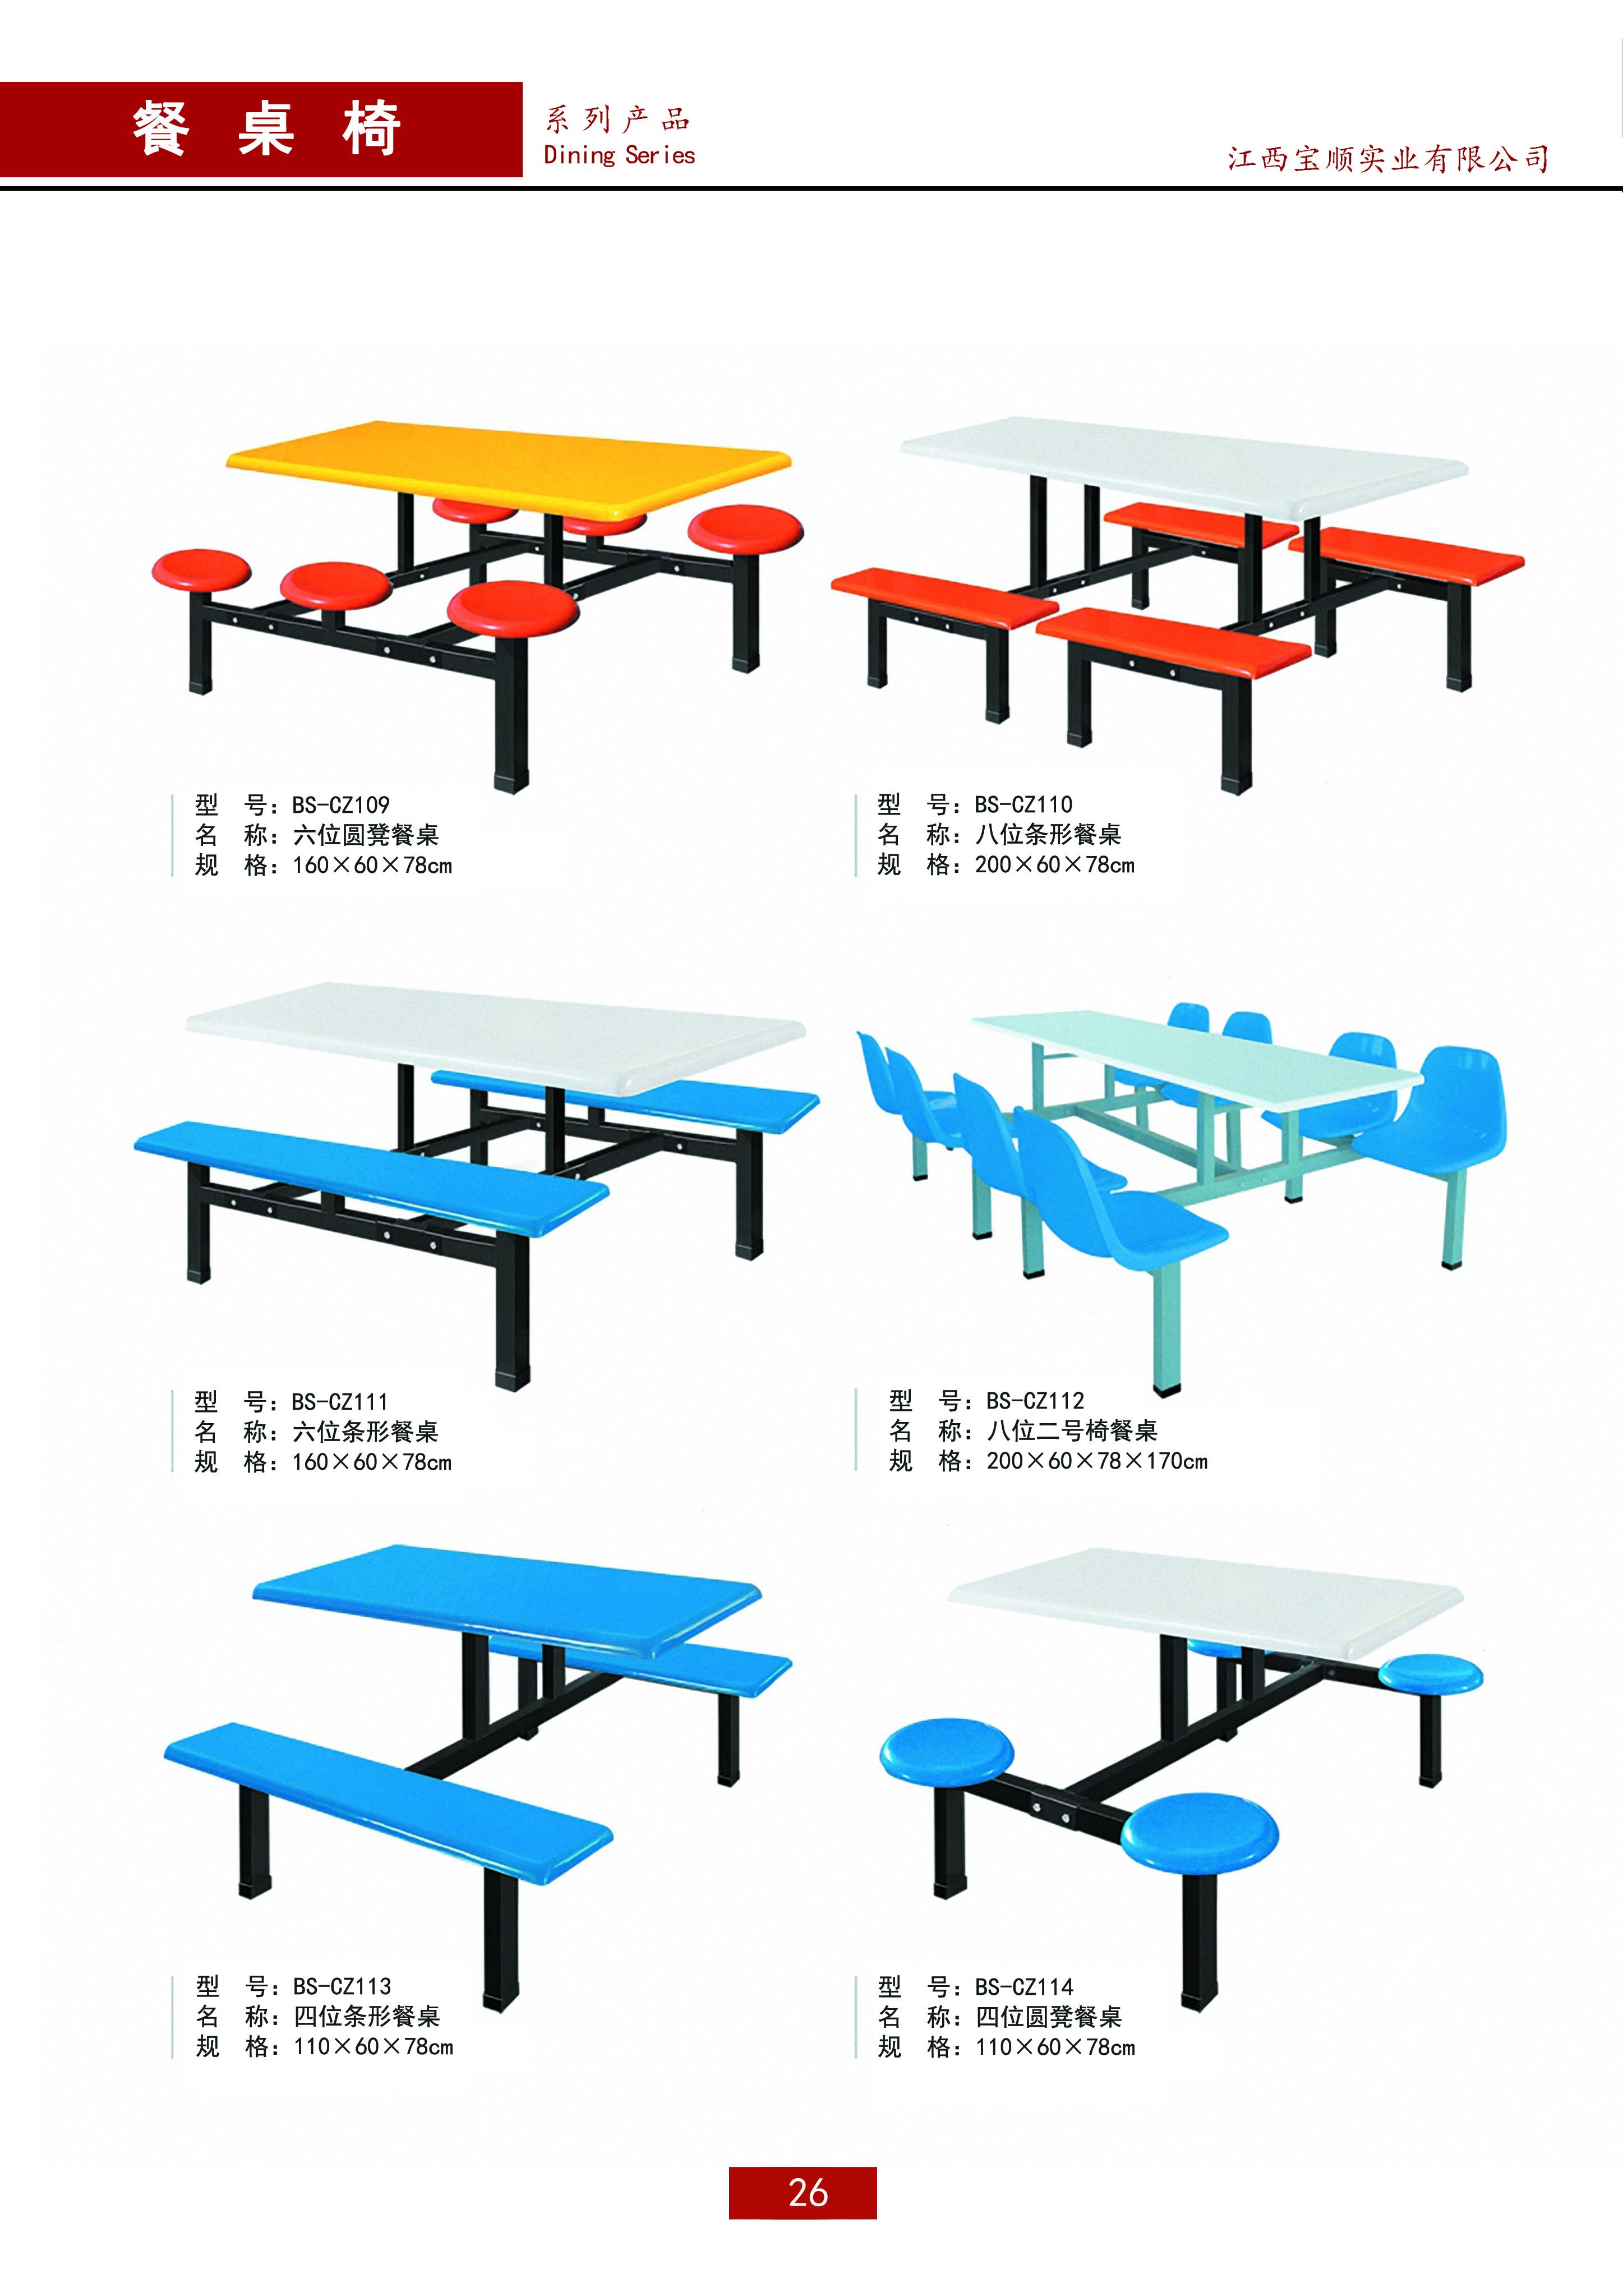 厂家直销优质餐桌椅款式多种欢迎选购